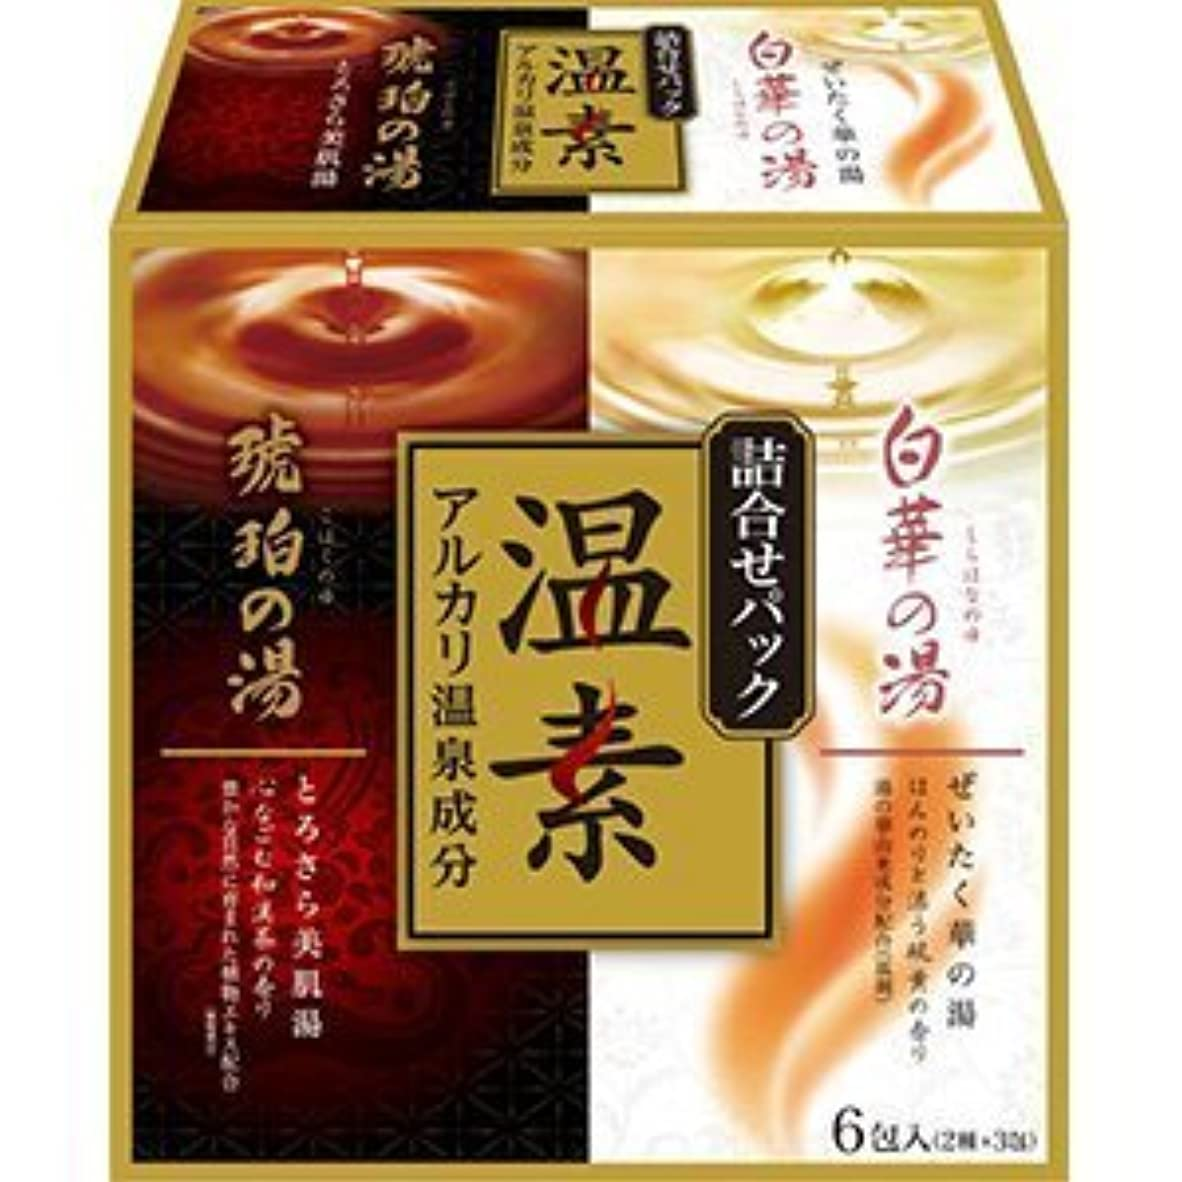 手荷物方法咳温素 琥珀の湯&白華の湯 詰合せパック × 3個セット